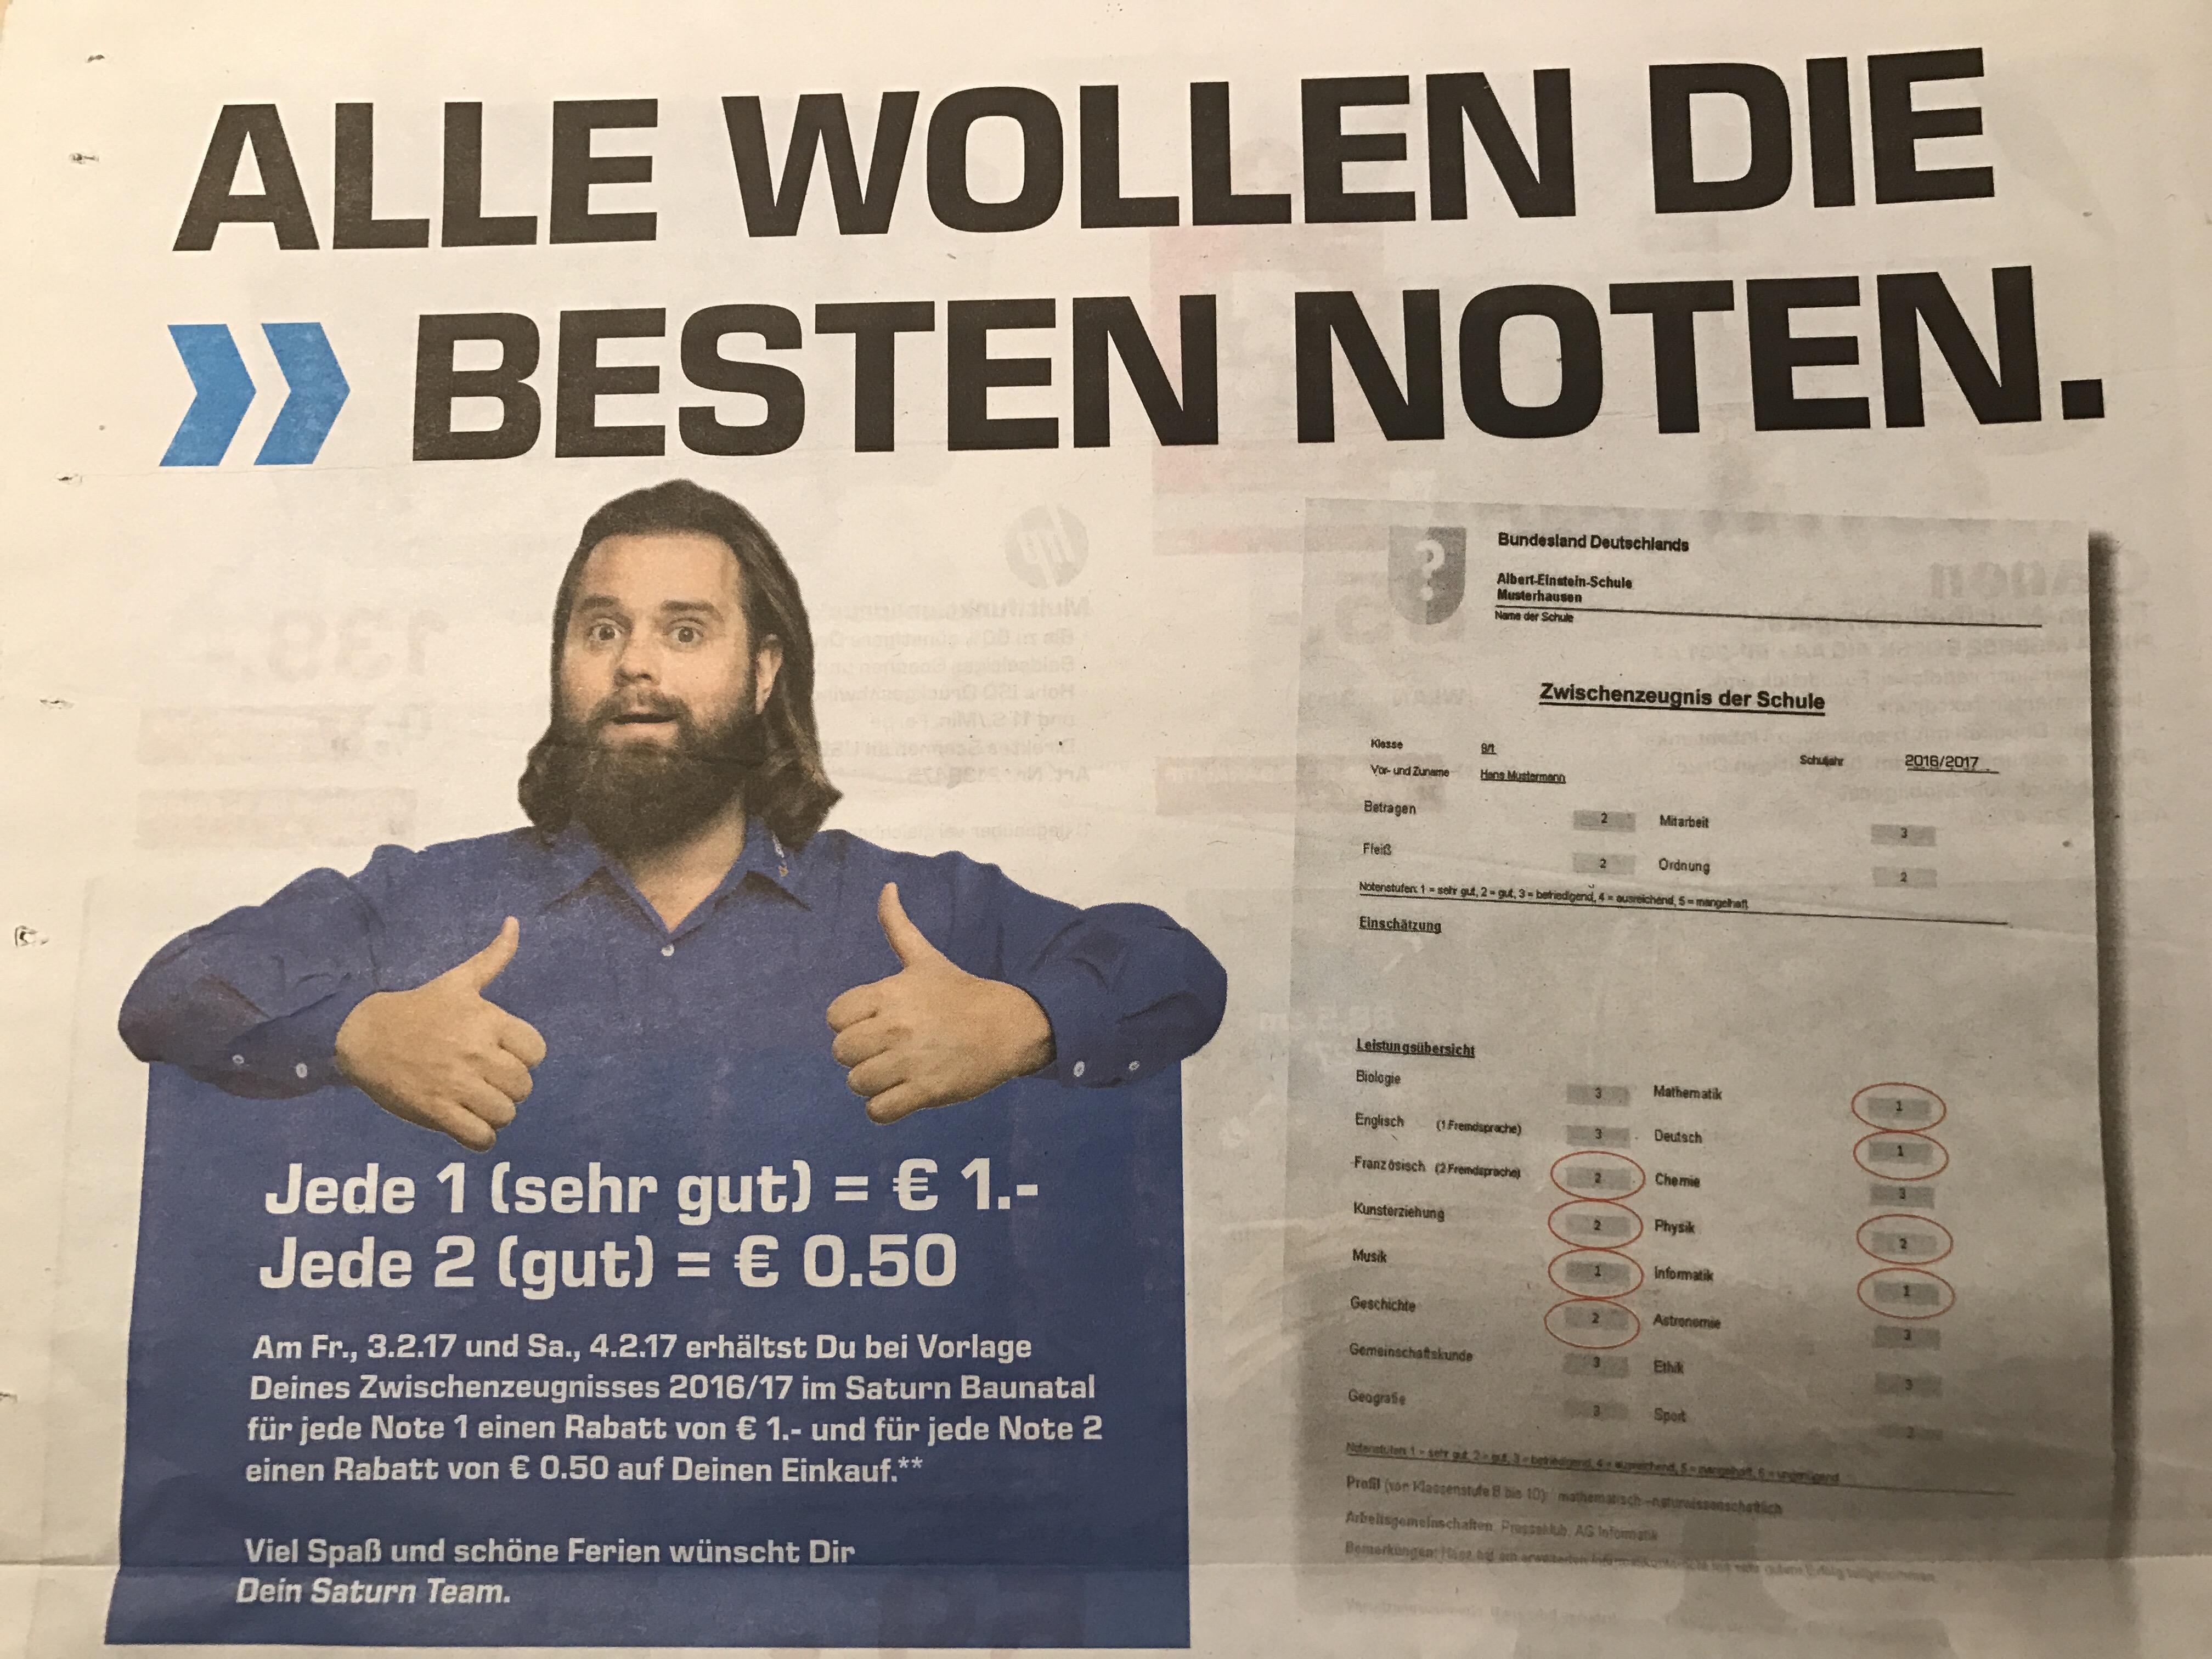 [Lokal Baunatal/Nordhessen] Saturn Zeugnis-Aktion - mit guten Noten Geld sparen am 3.2. & 4.2.2017